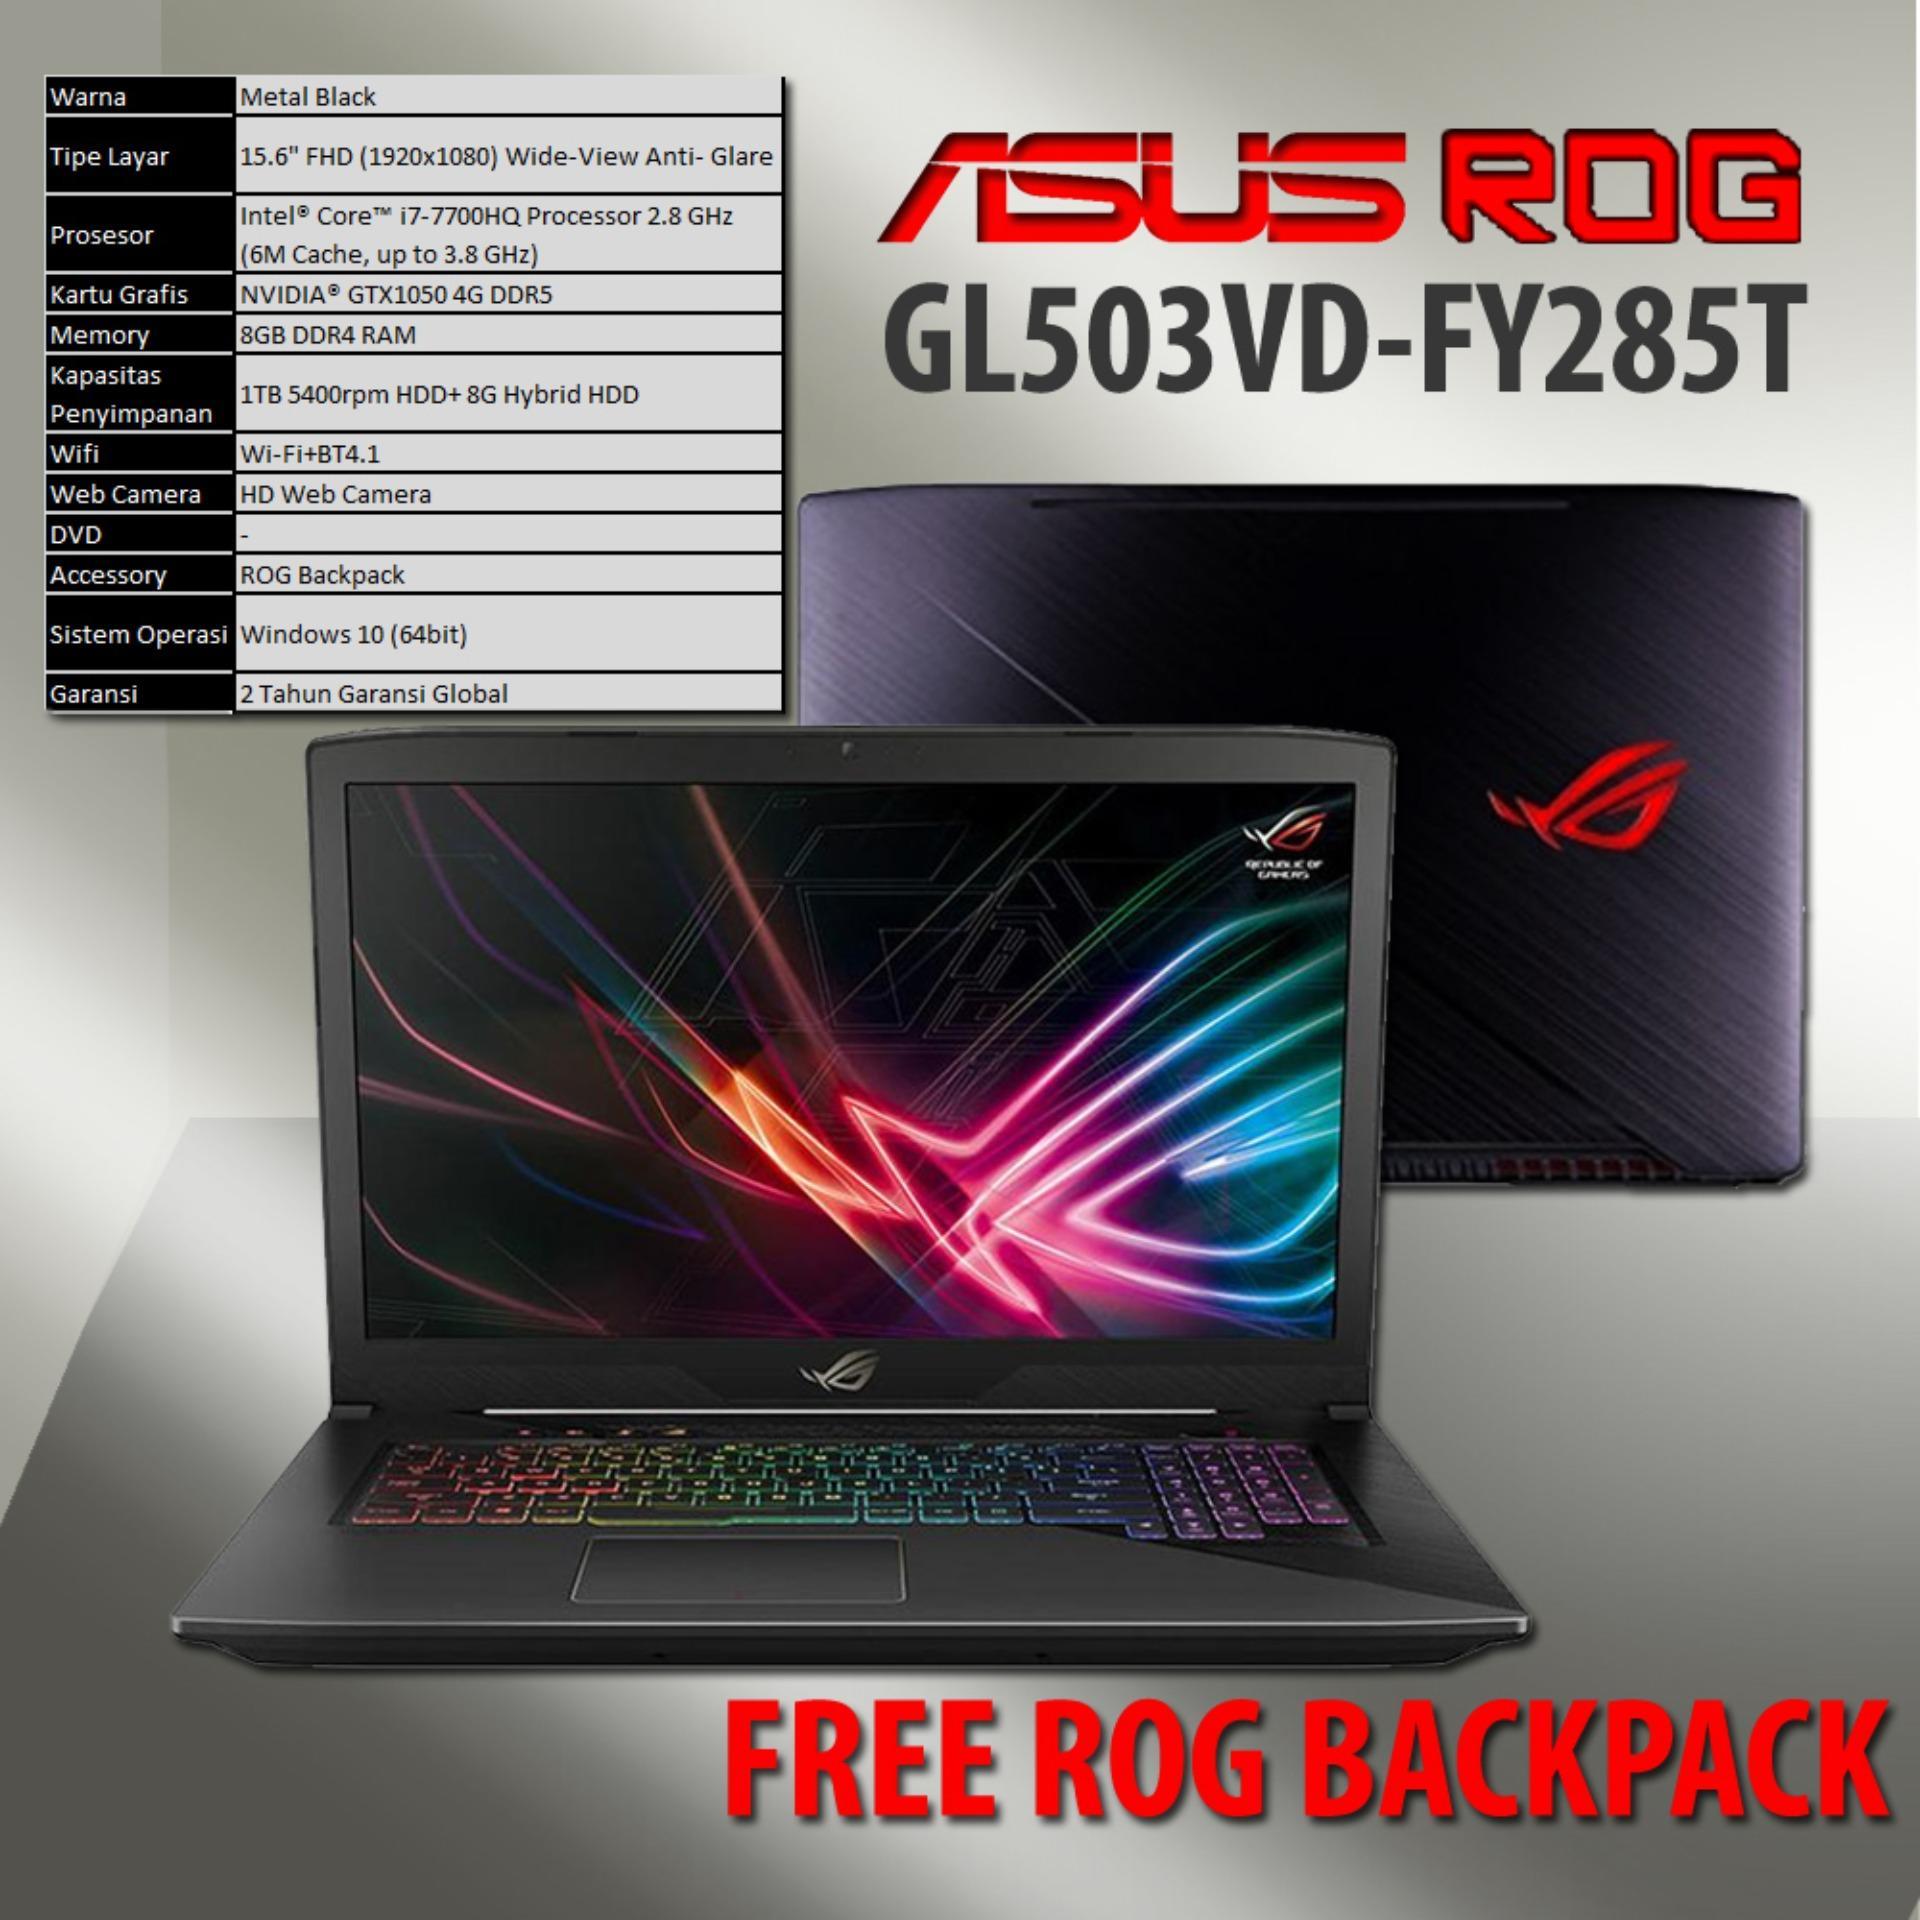 Cek Harga Baru Asus Rog Gl503vd Fy285t Intel Core I7 7700hq Ram 8gb